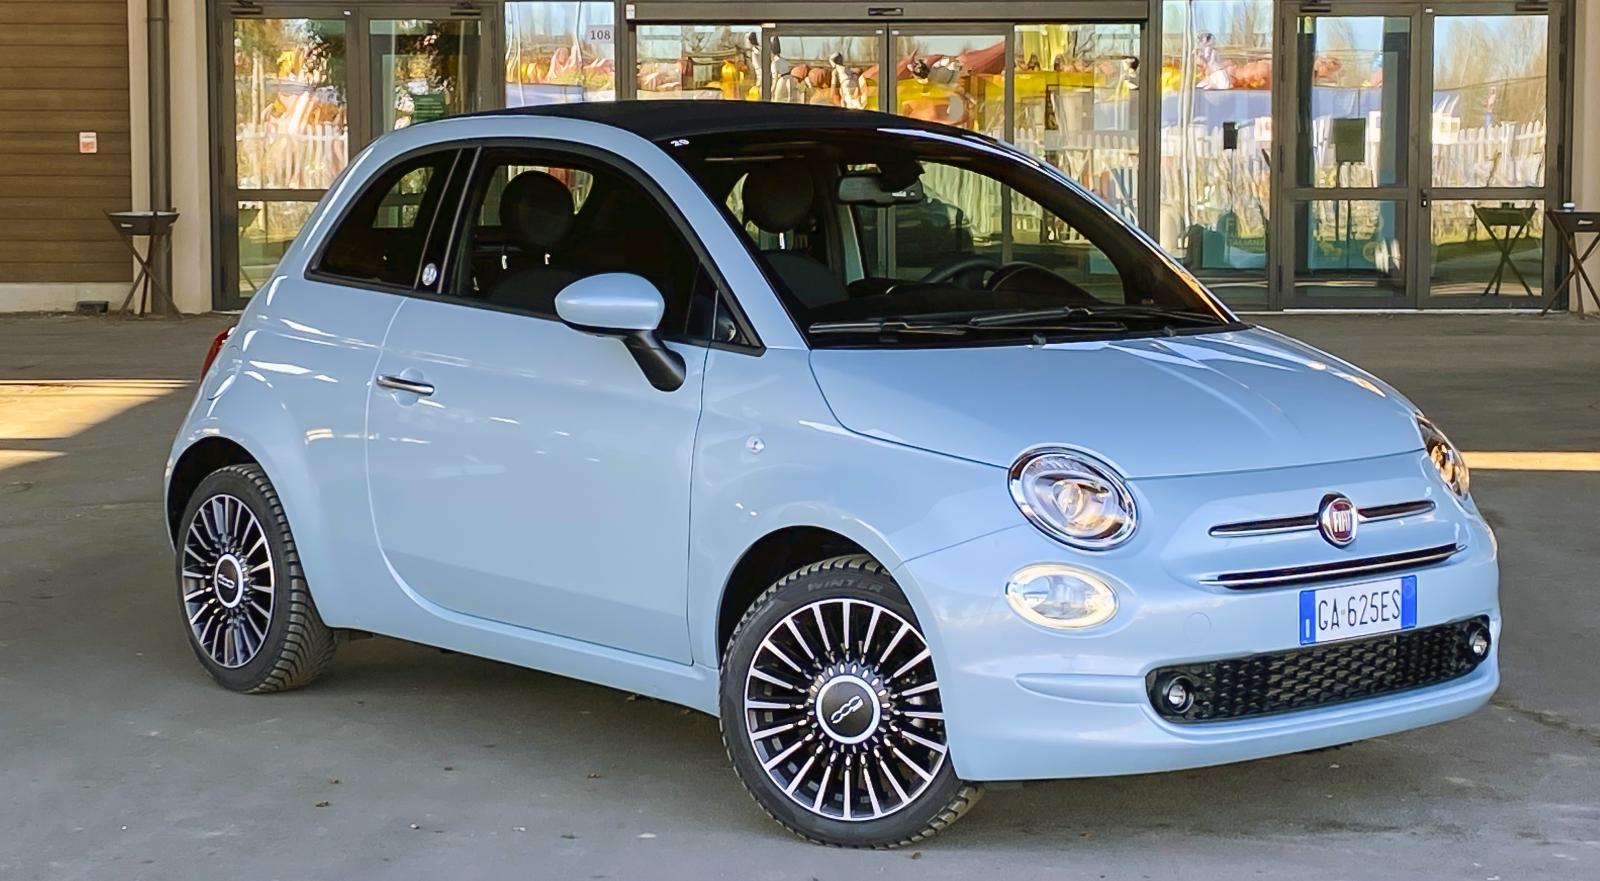 Fiat har en överraskande hög snittpremie för försäkringen.